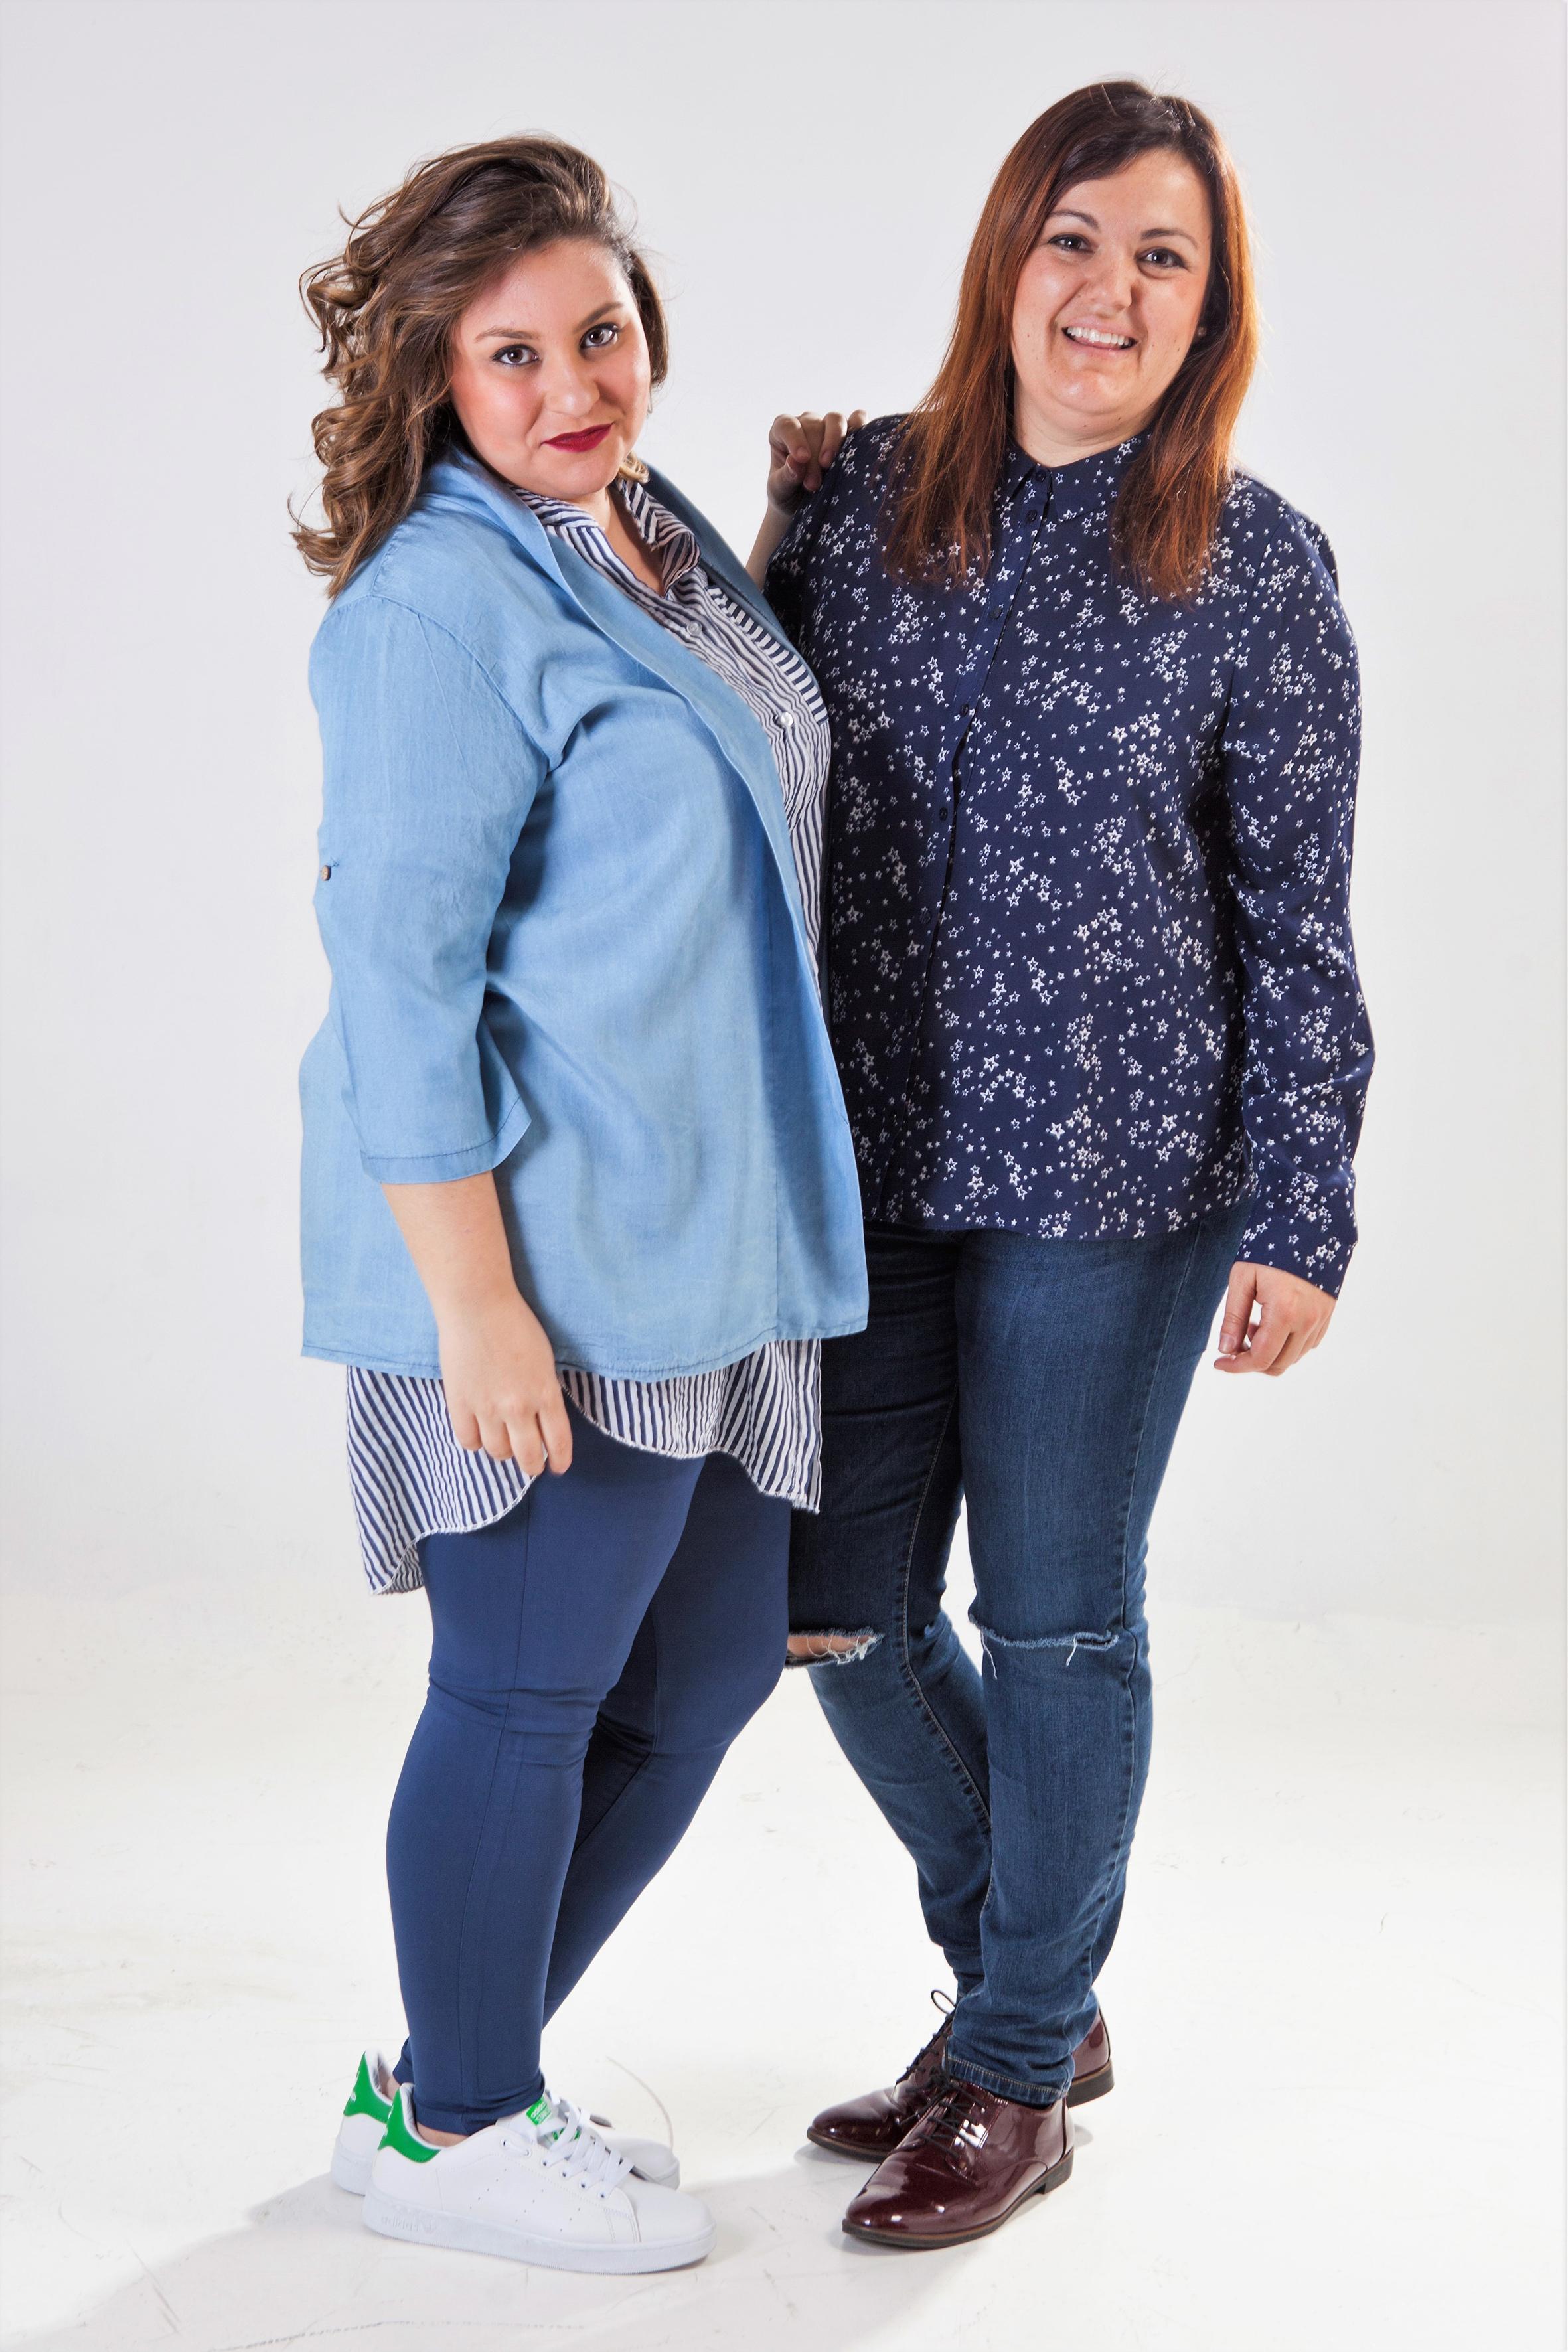 Patricia Porta, duela de la tienda Corazón XL, posa junto a la modelo Judith. EFE